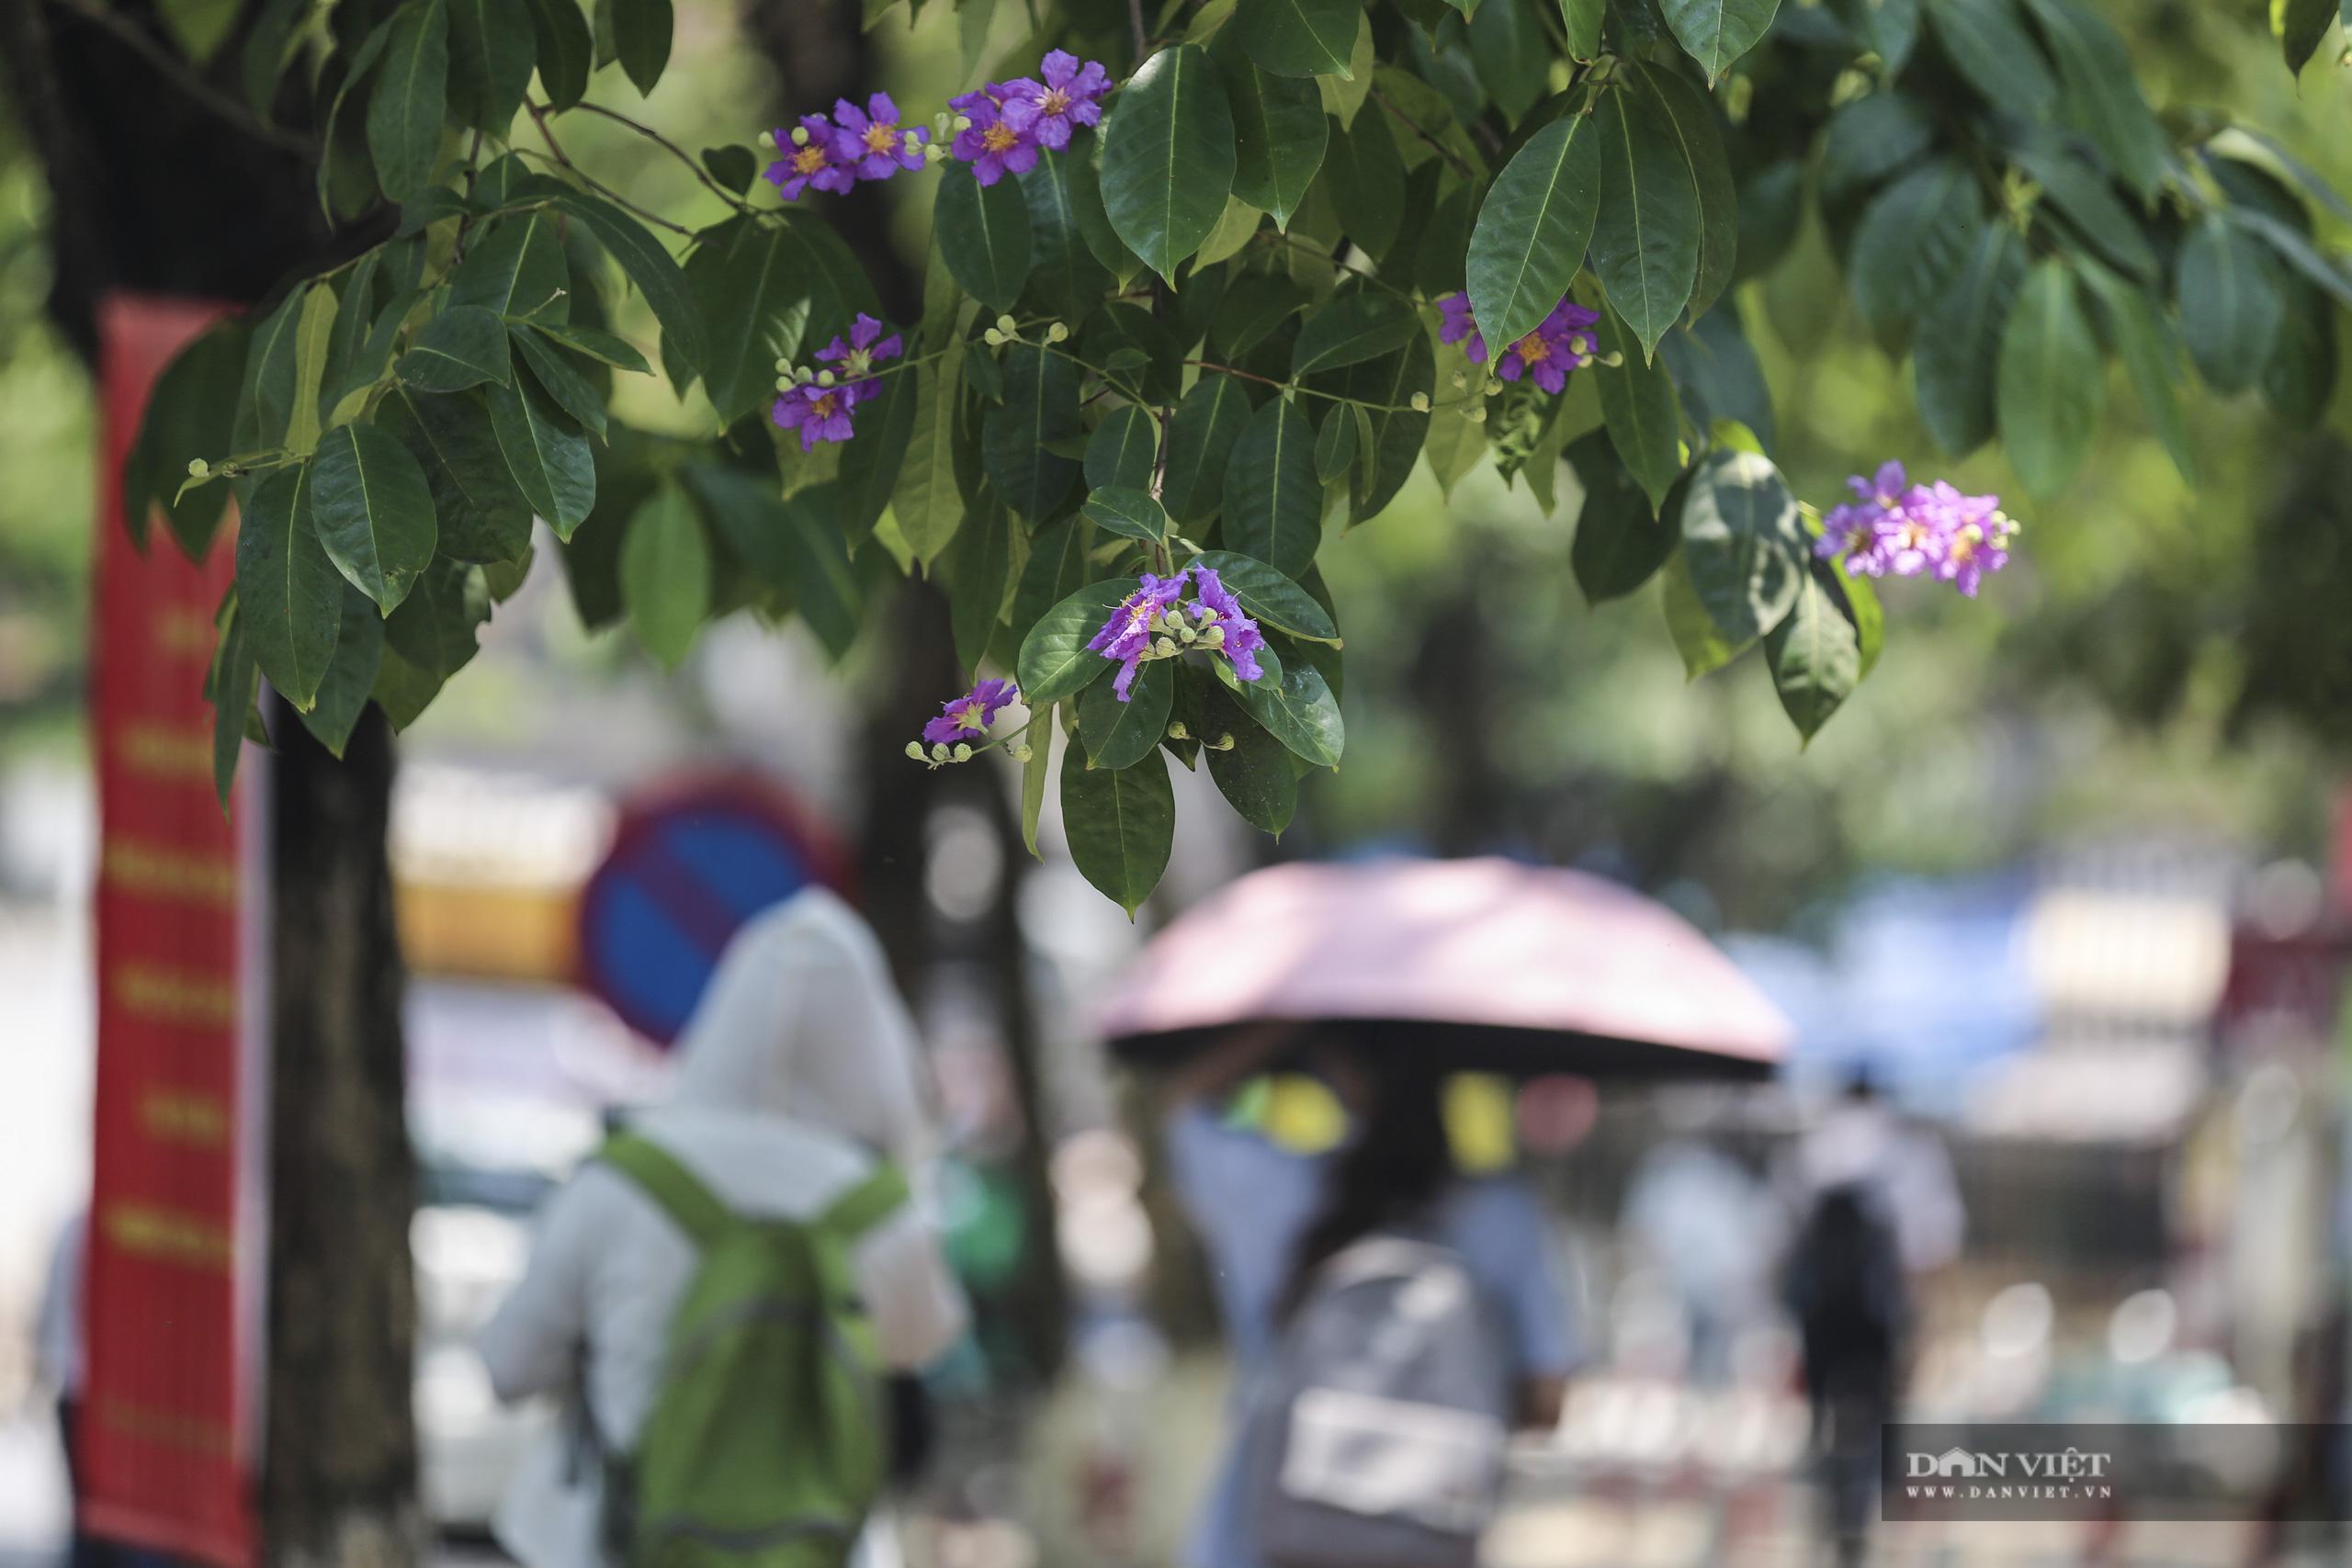 Hoa bằng lăng: loài hoa biểu tượng của sự thủy chung nở rộ khắp đường phố Hà Nội - Ảnh 7.